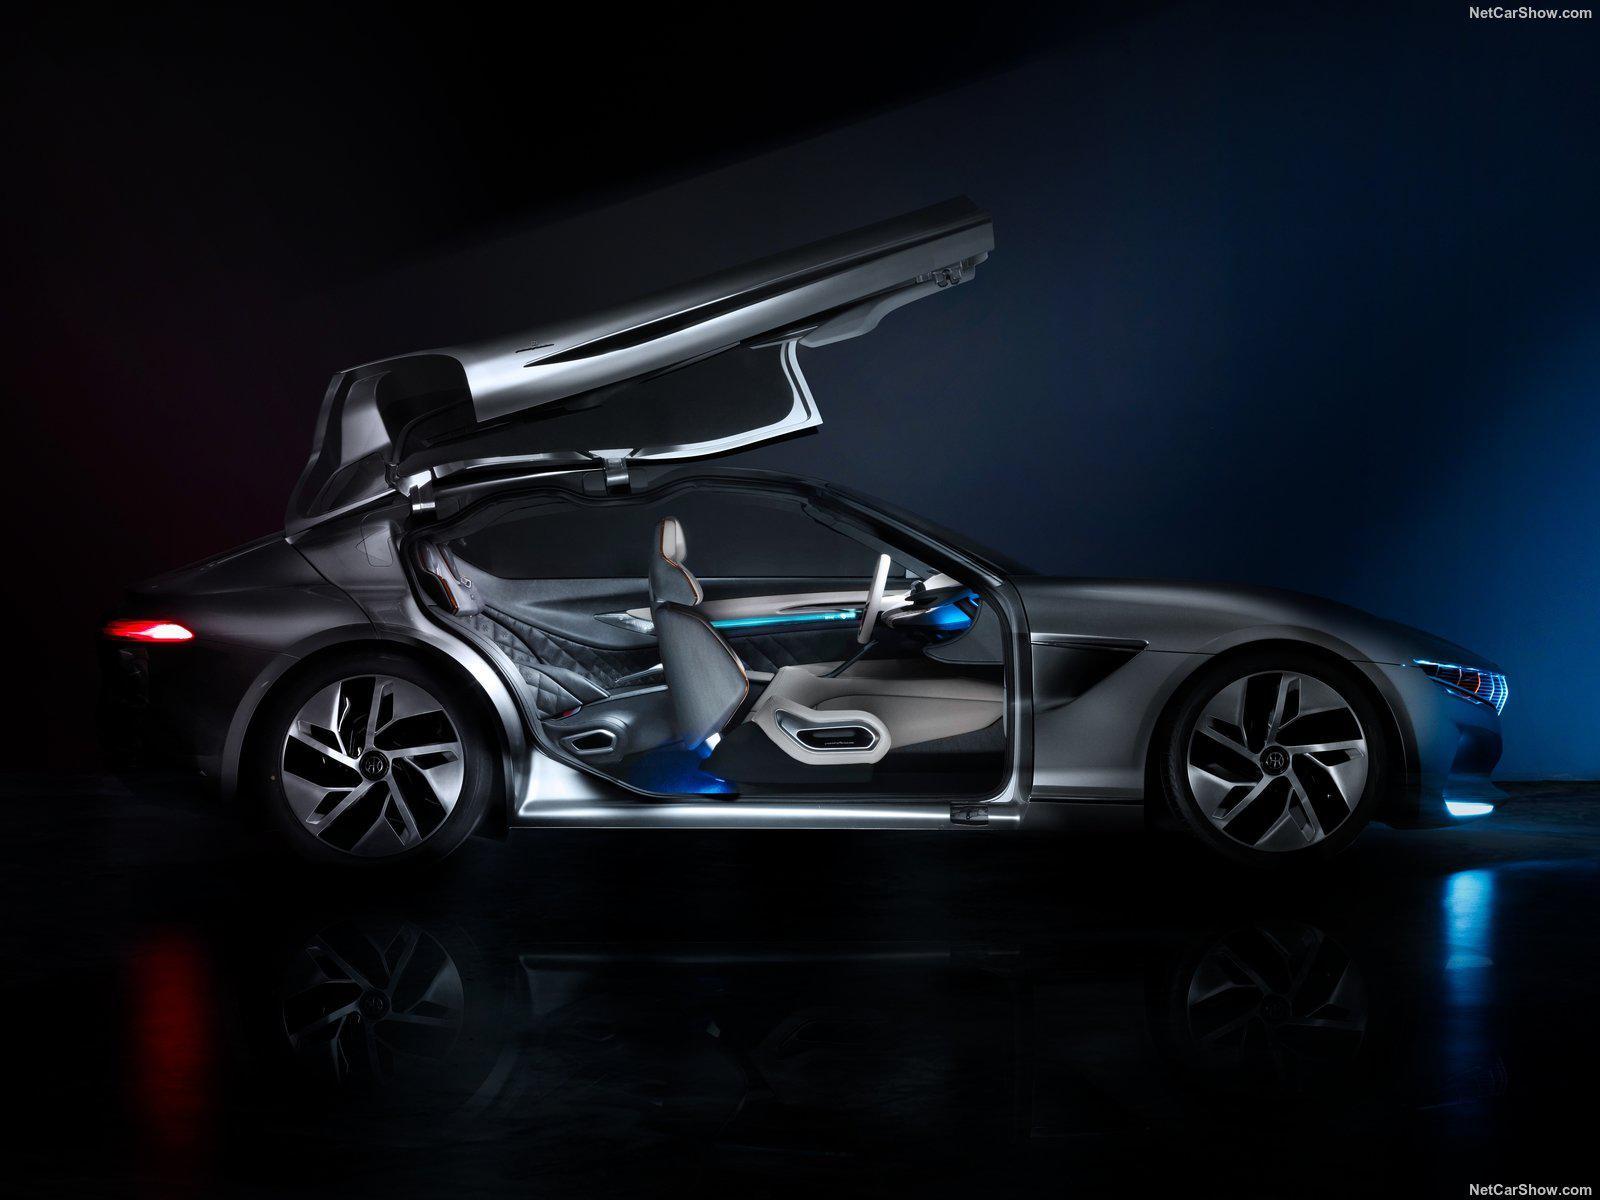 百公里加速时间2.7秒 正道发布GT概念车